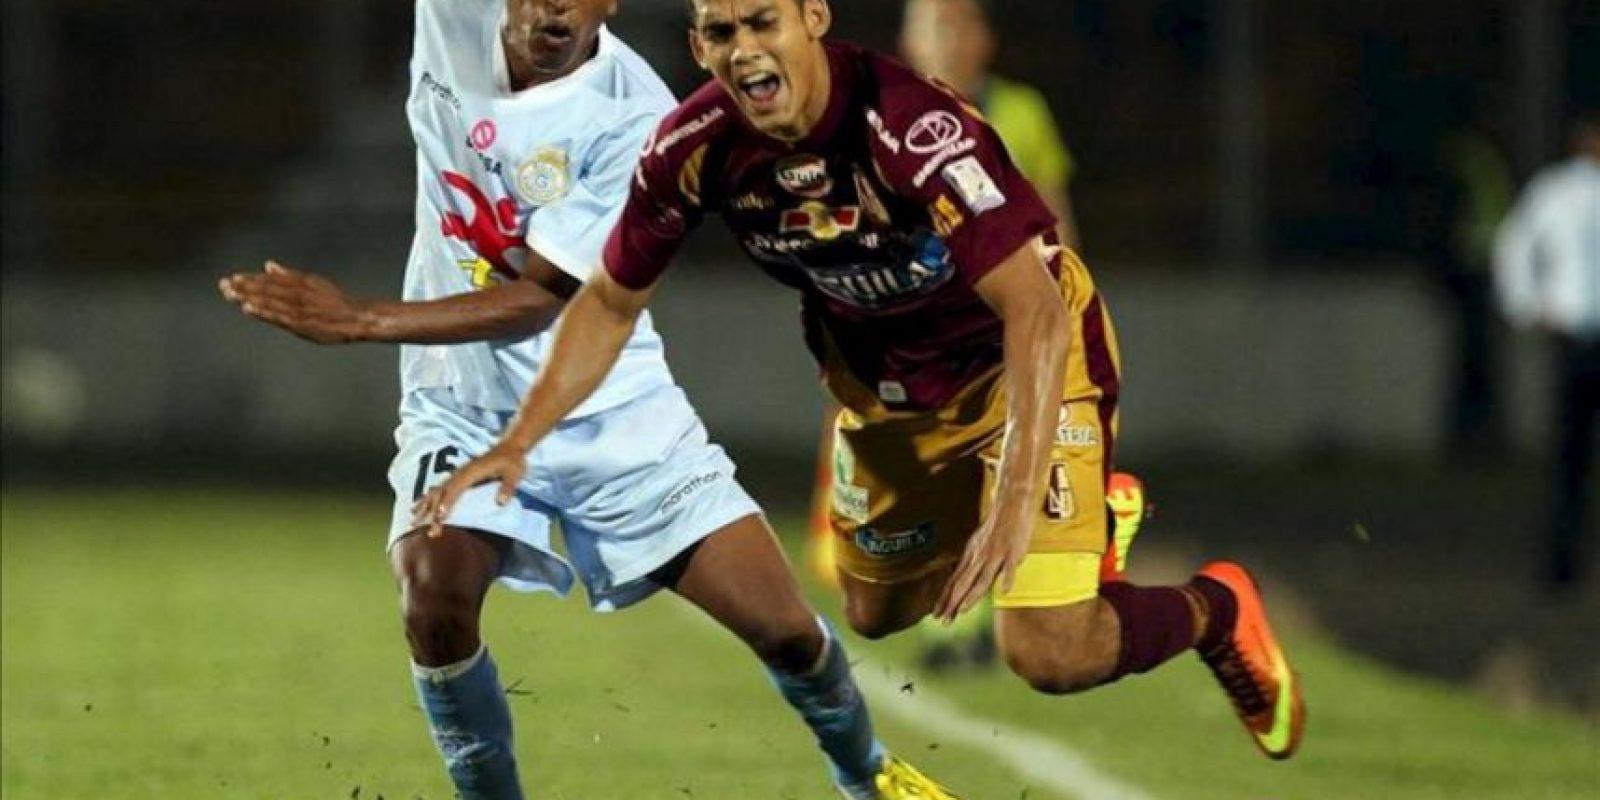 El jugador Iván Conde (i) del Real Garcilaso de Perú disputa un balón con Andrés Andrade (d) del Deportes Tolima durante un partido del Grupo 6 de la Copa Libertadores 2013 en el estadio Manuel Murillo Toro en Ibagué. EFE